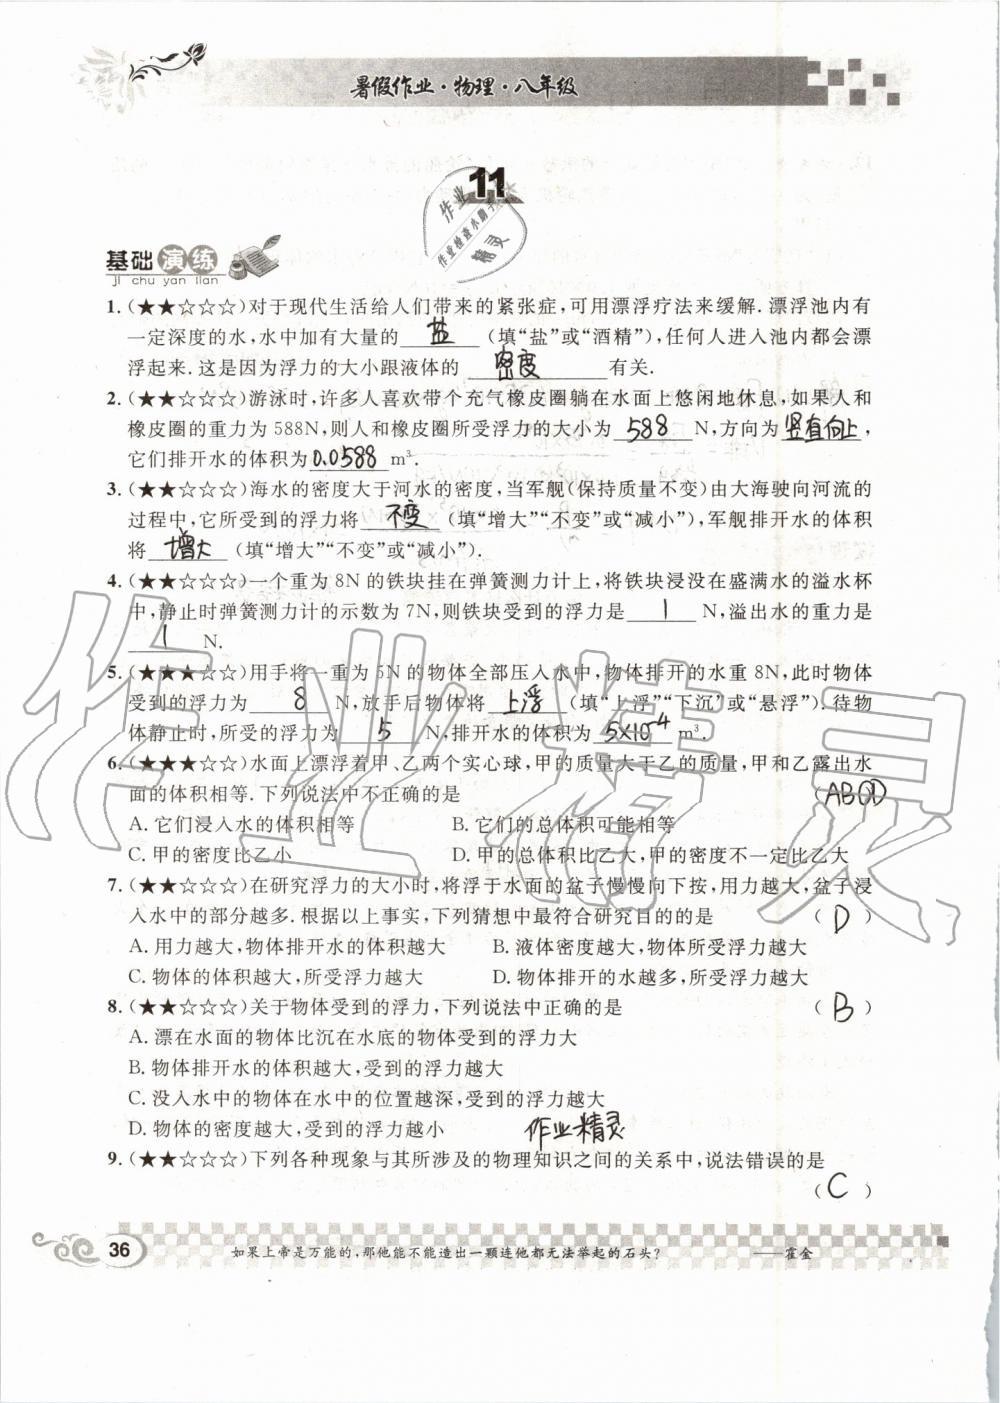 2019年长江暑假作业八年级物理崇文书局第36页